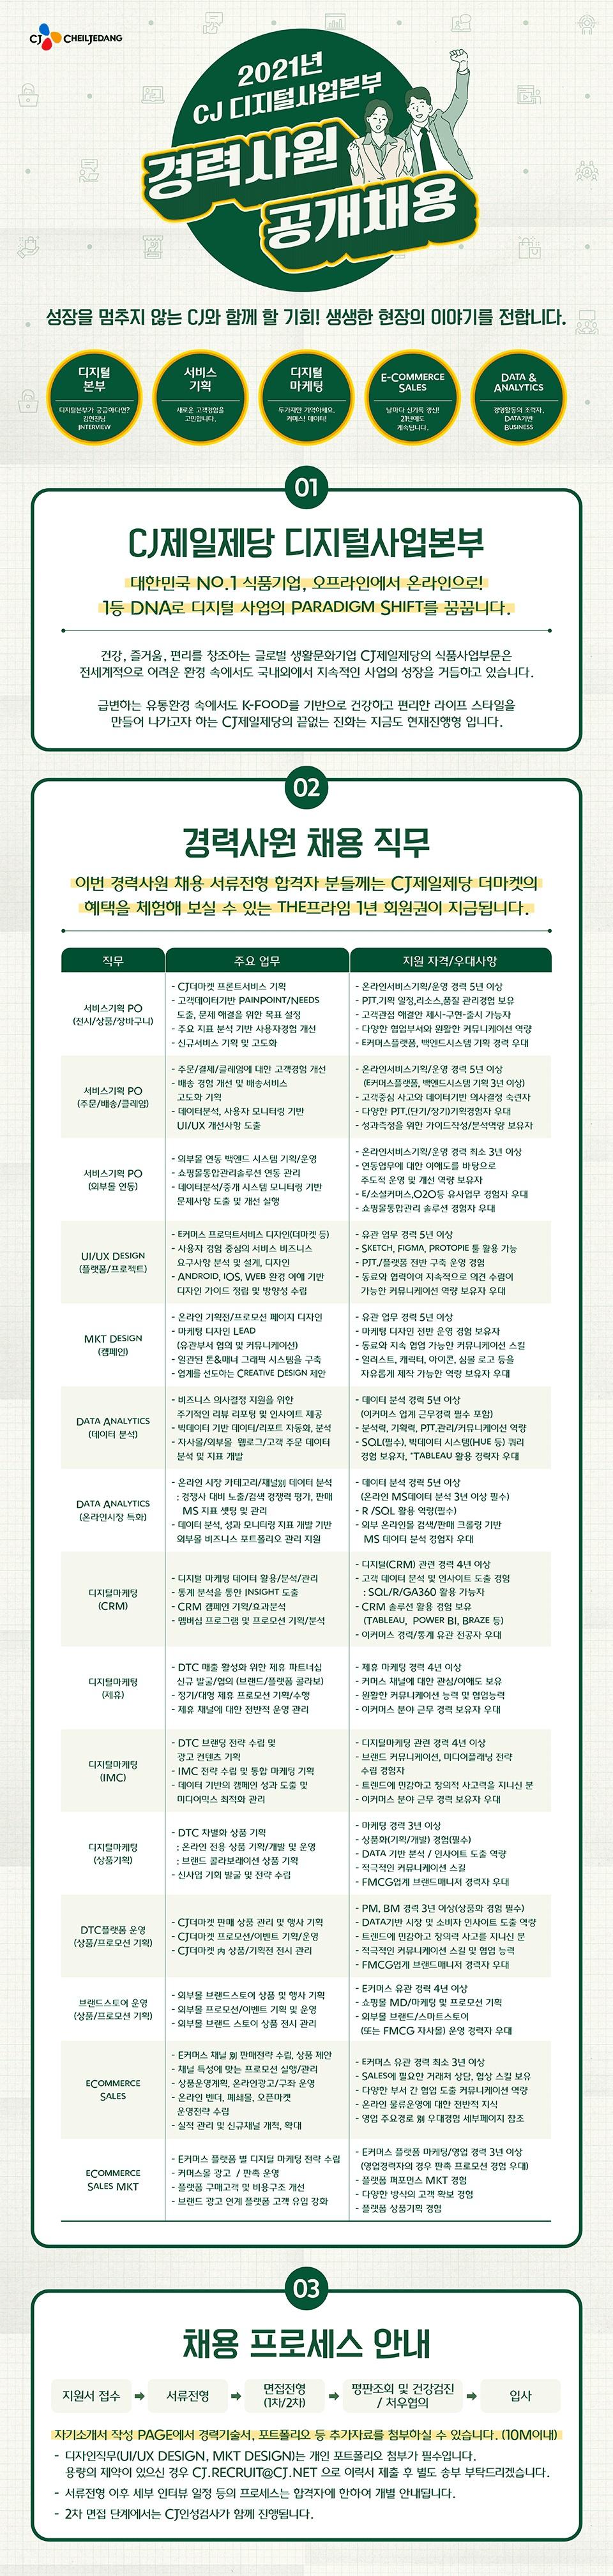 2021년 CJ 디지털사업본부 경력사원 공개채용